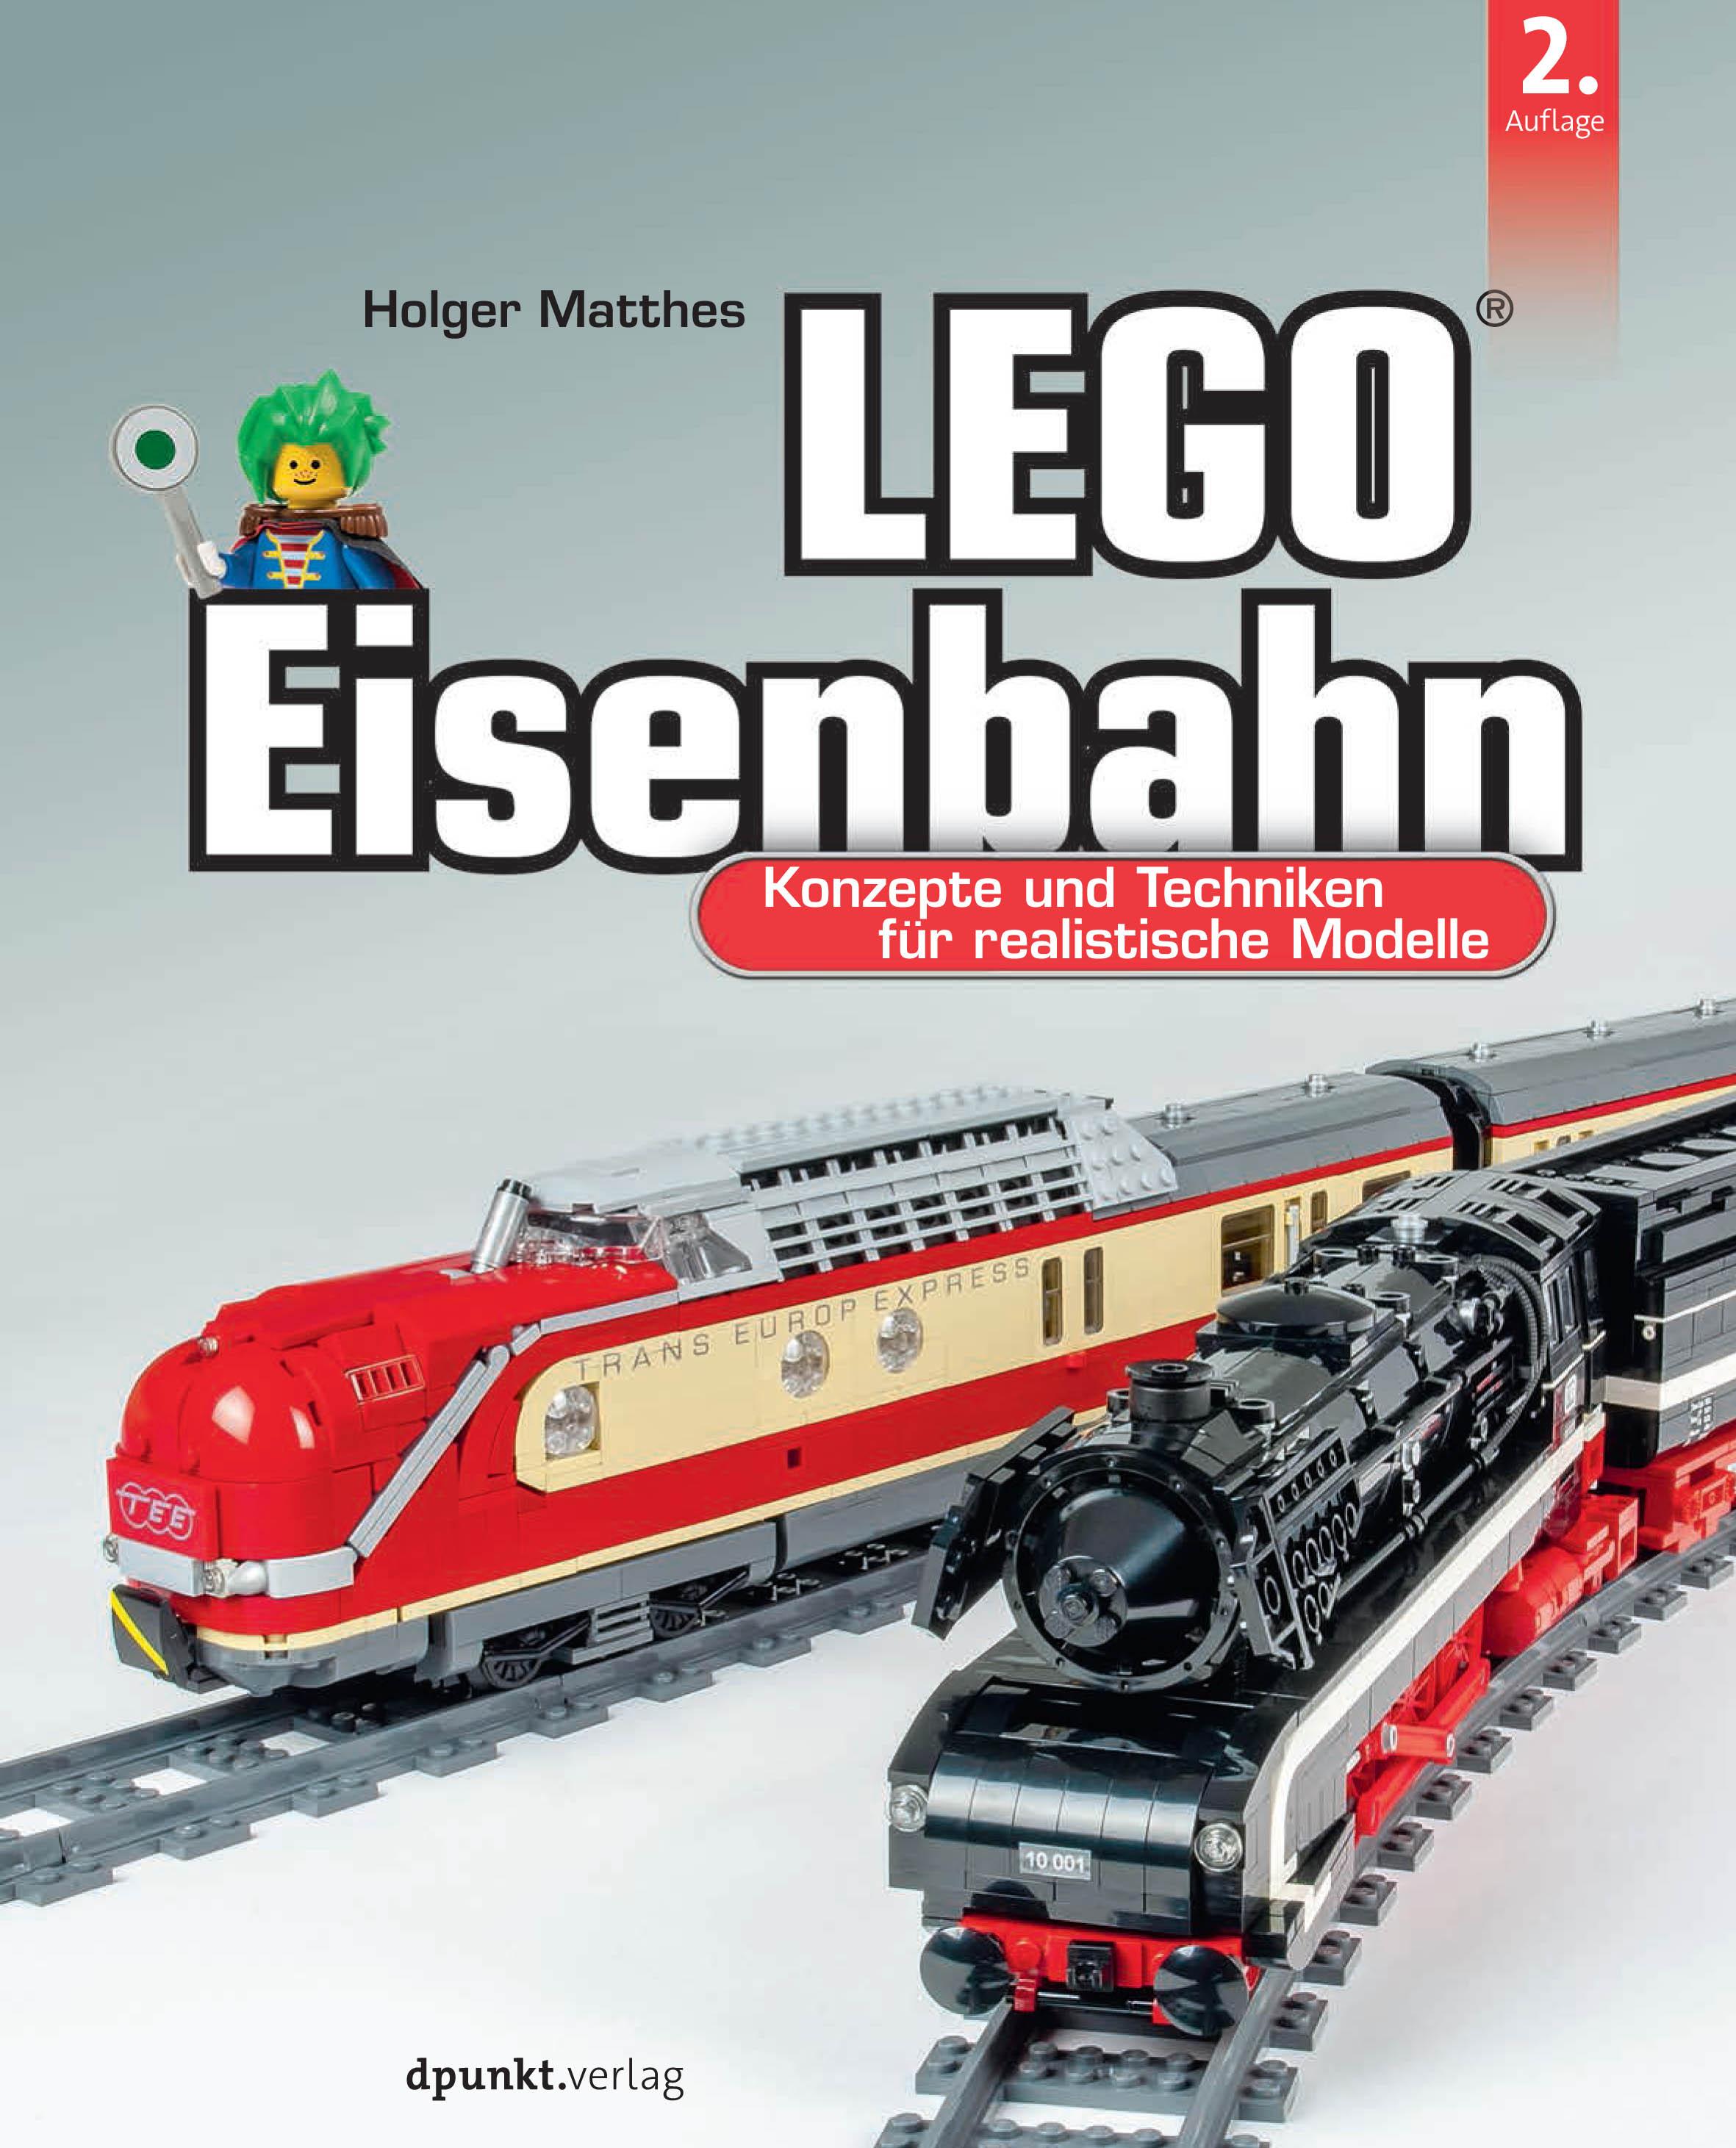 Lego Eisenbahn Von Matthes Holger Konzepte Und Techniken Für Real